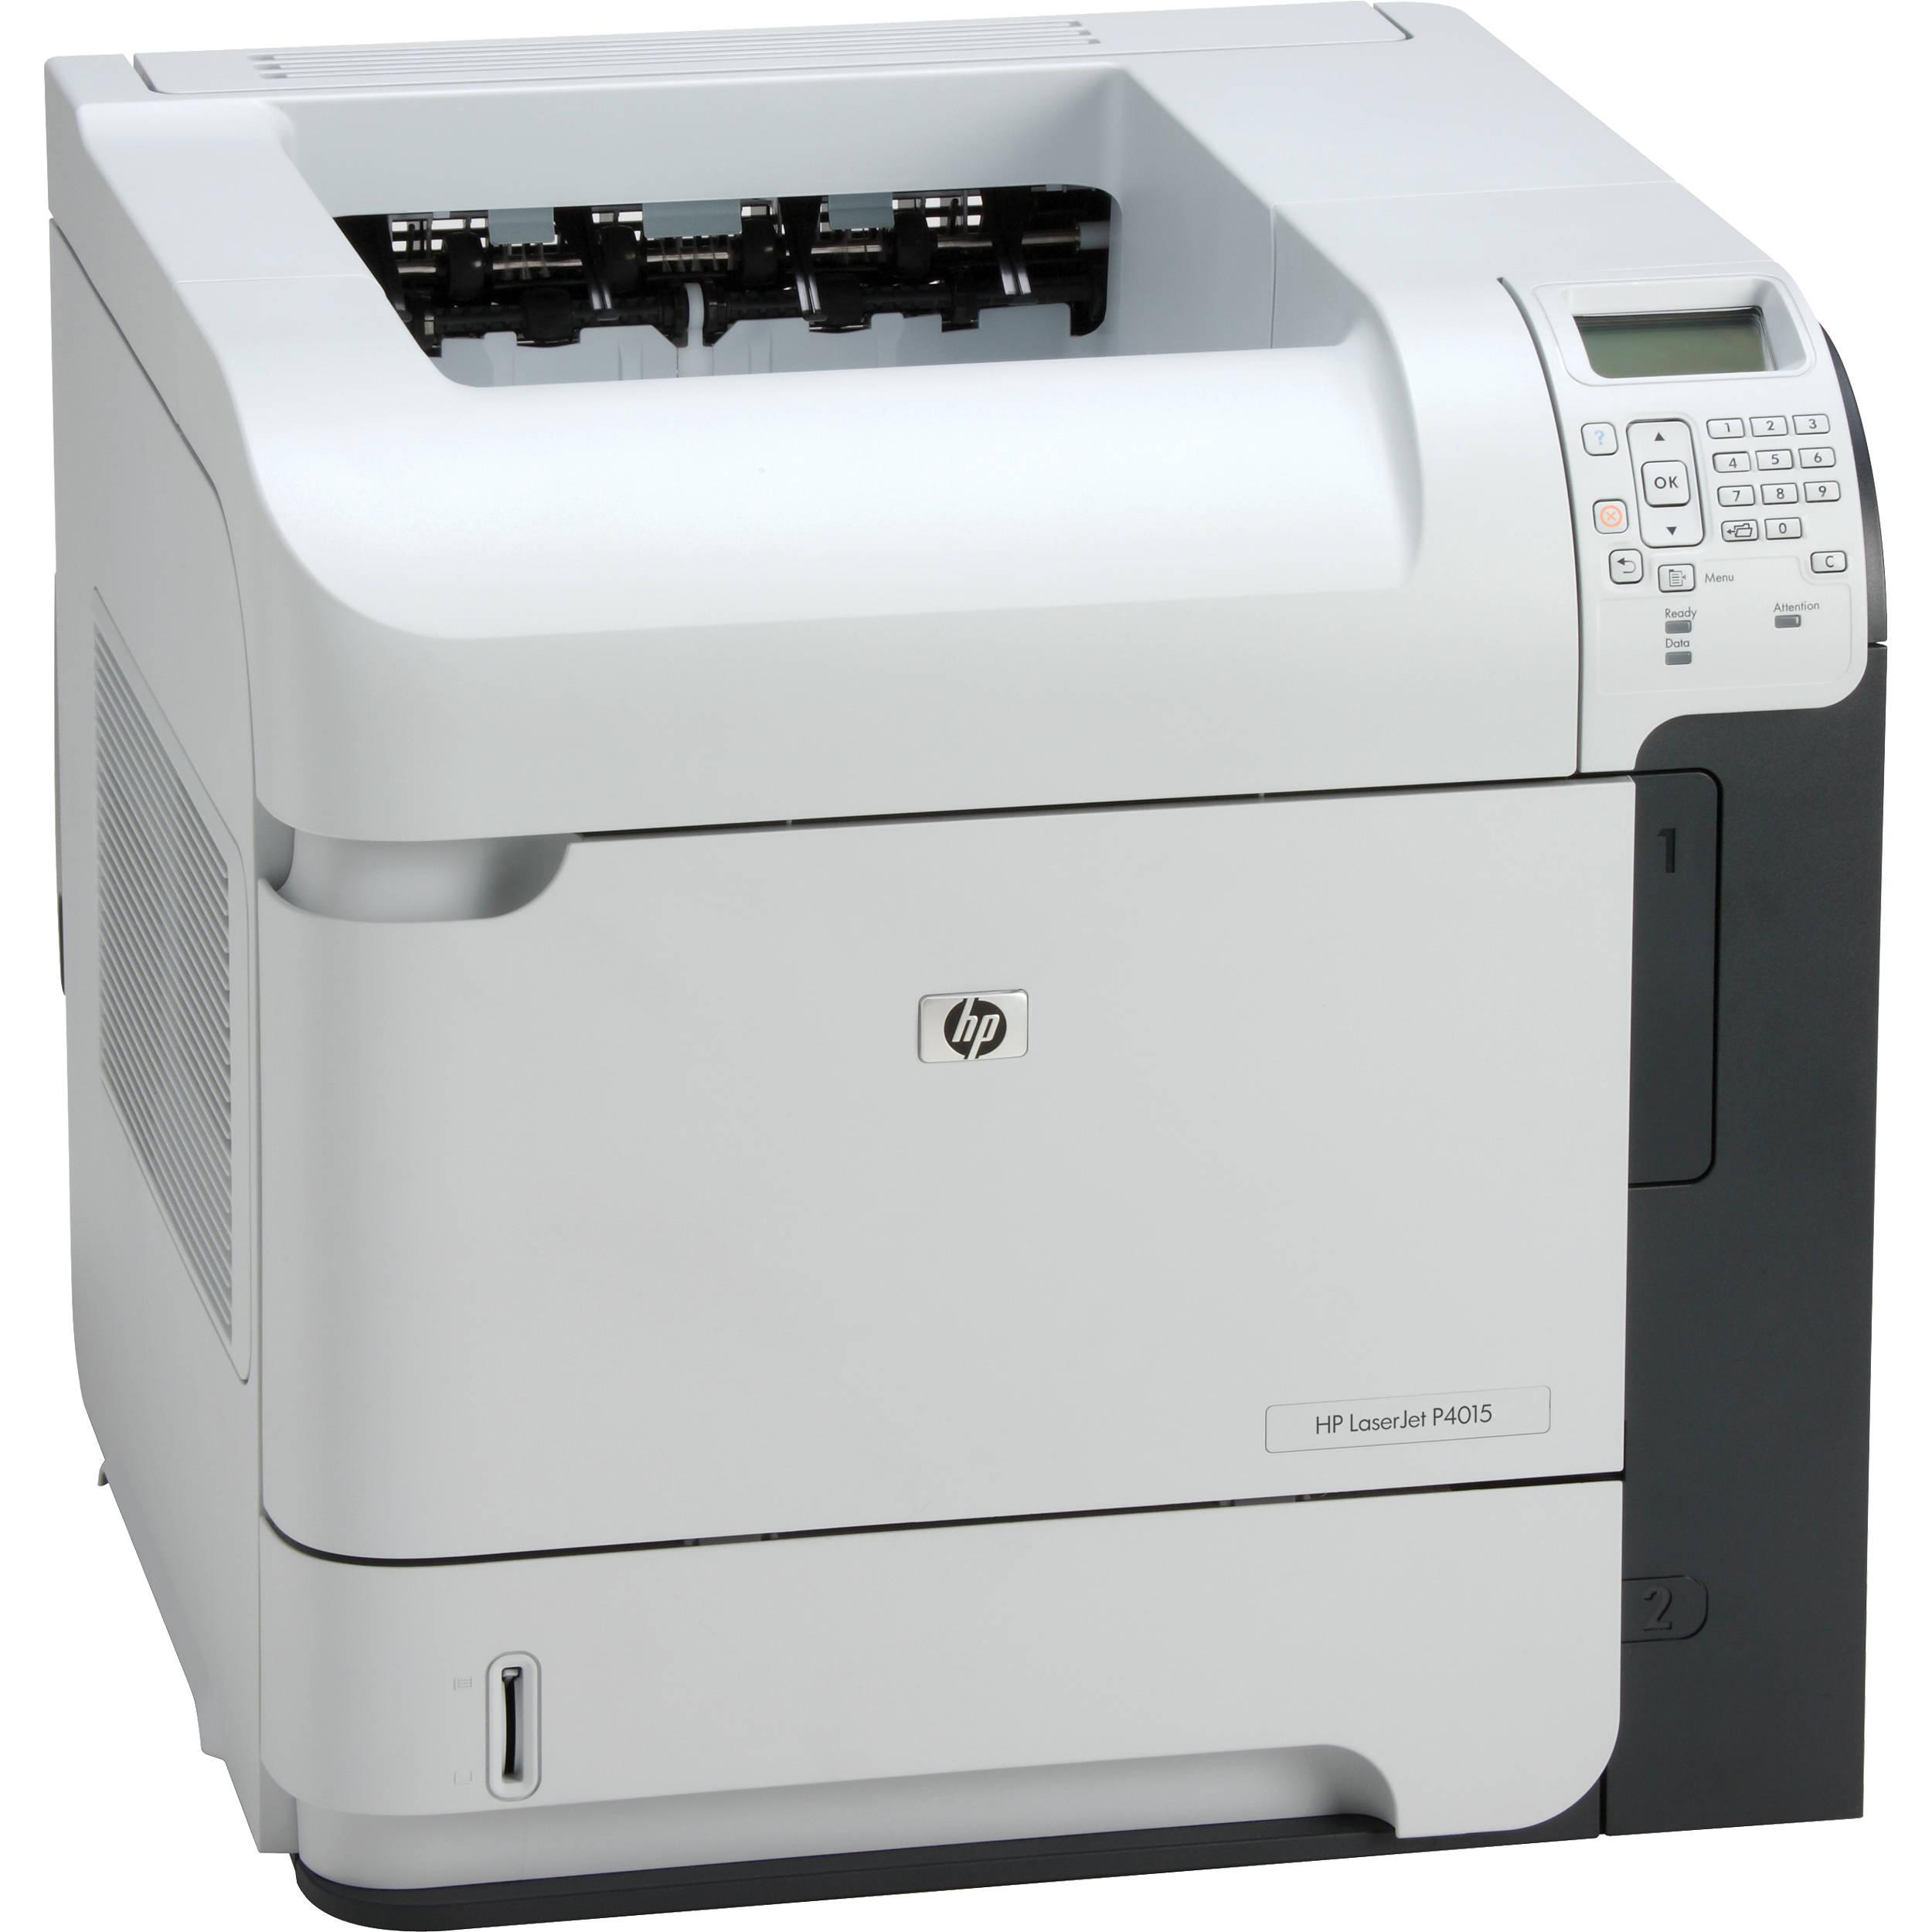 imprimanta hp laserjet p4015x, 52 ppm, duplex, retea, usb, 1200 x 1200, laser, monocrom, a4